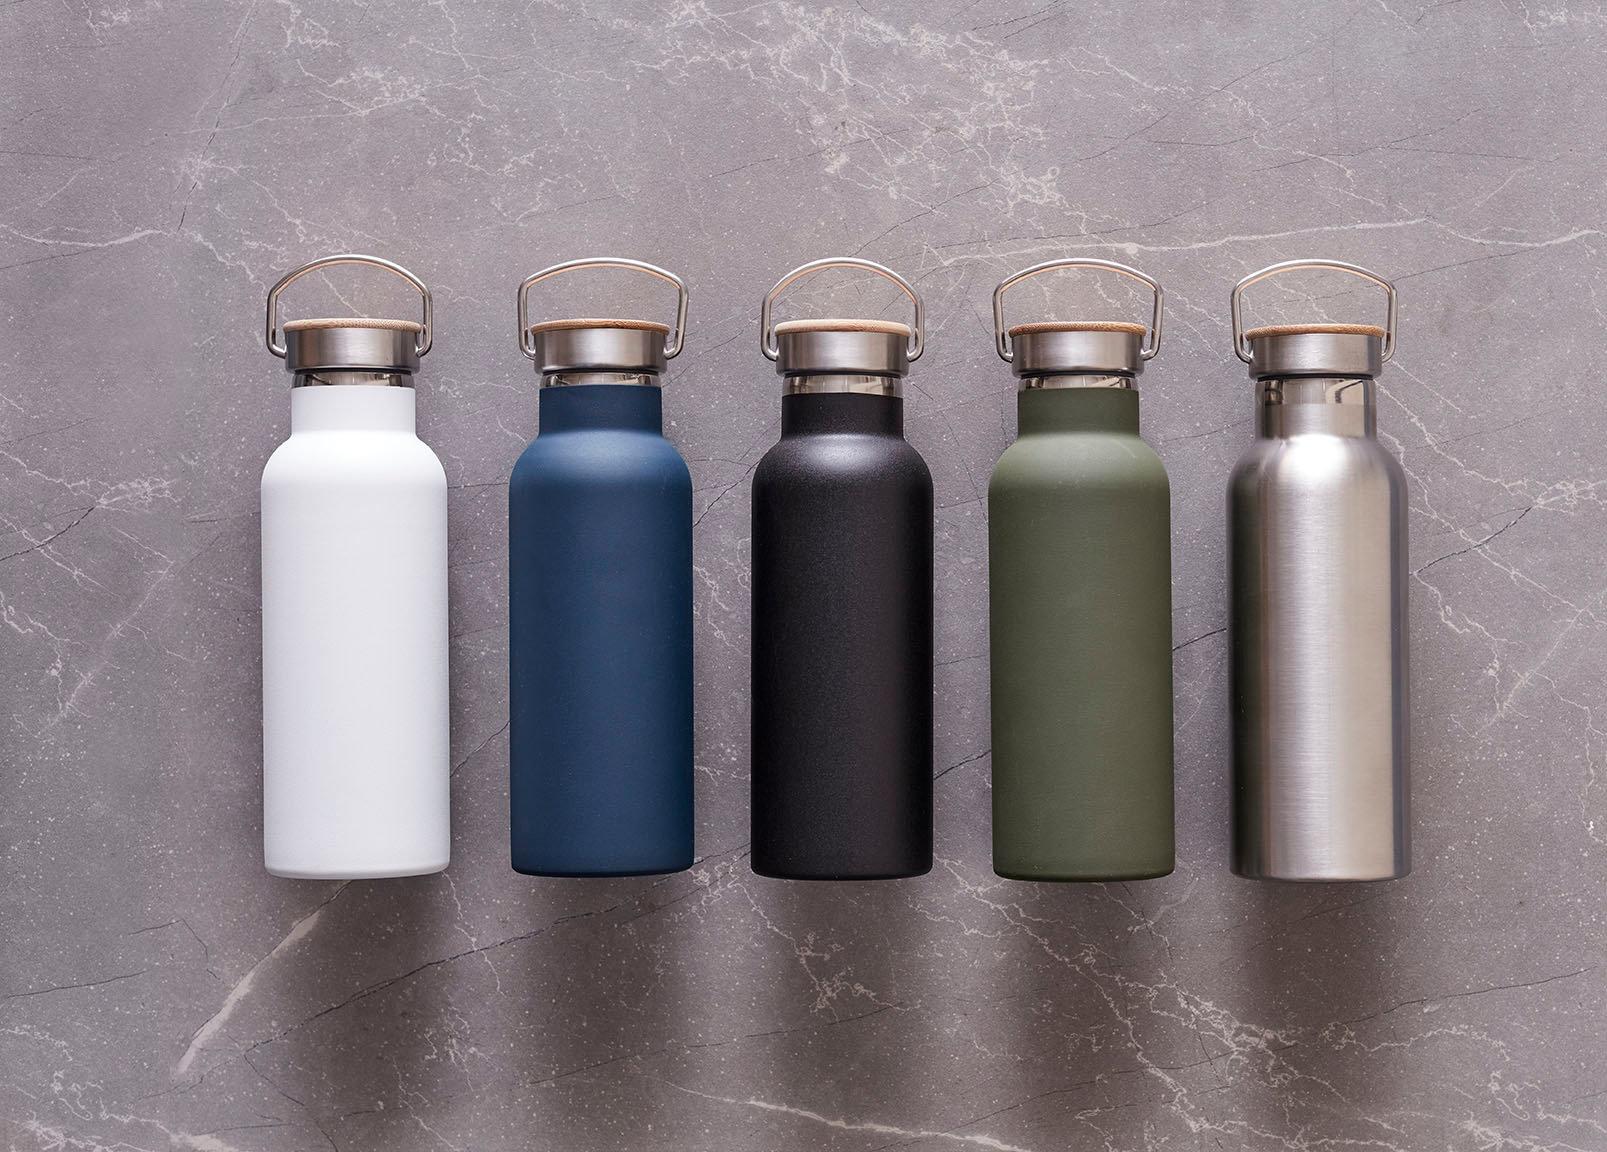 Termosflaskor på rad i vit, blå, svart, grön och metall